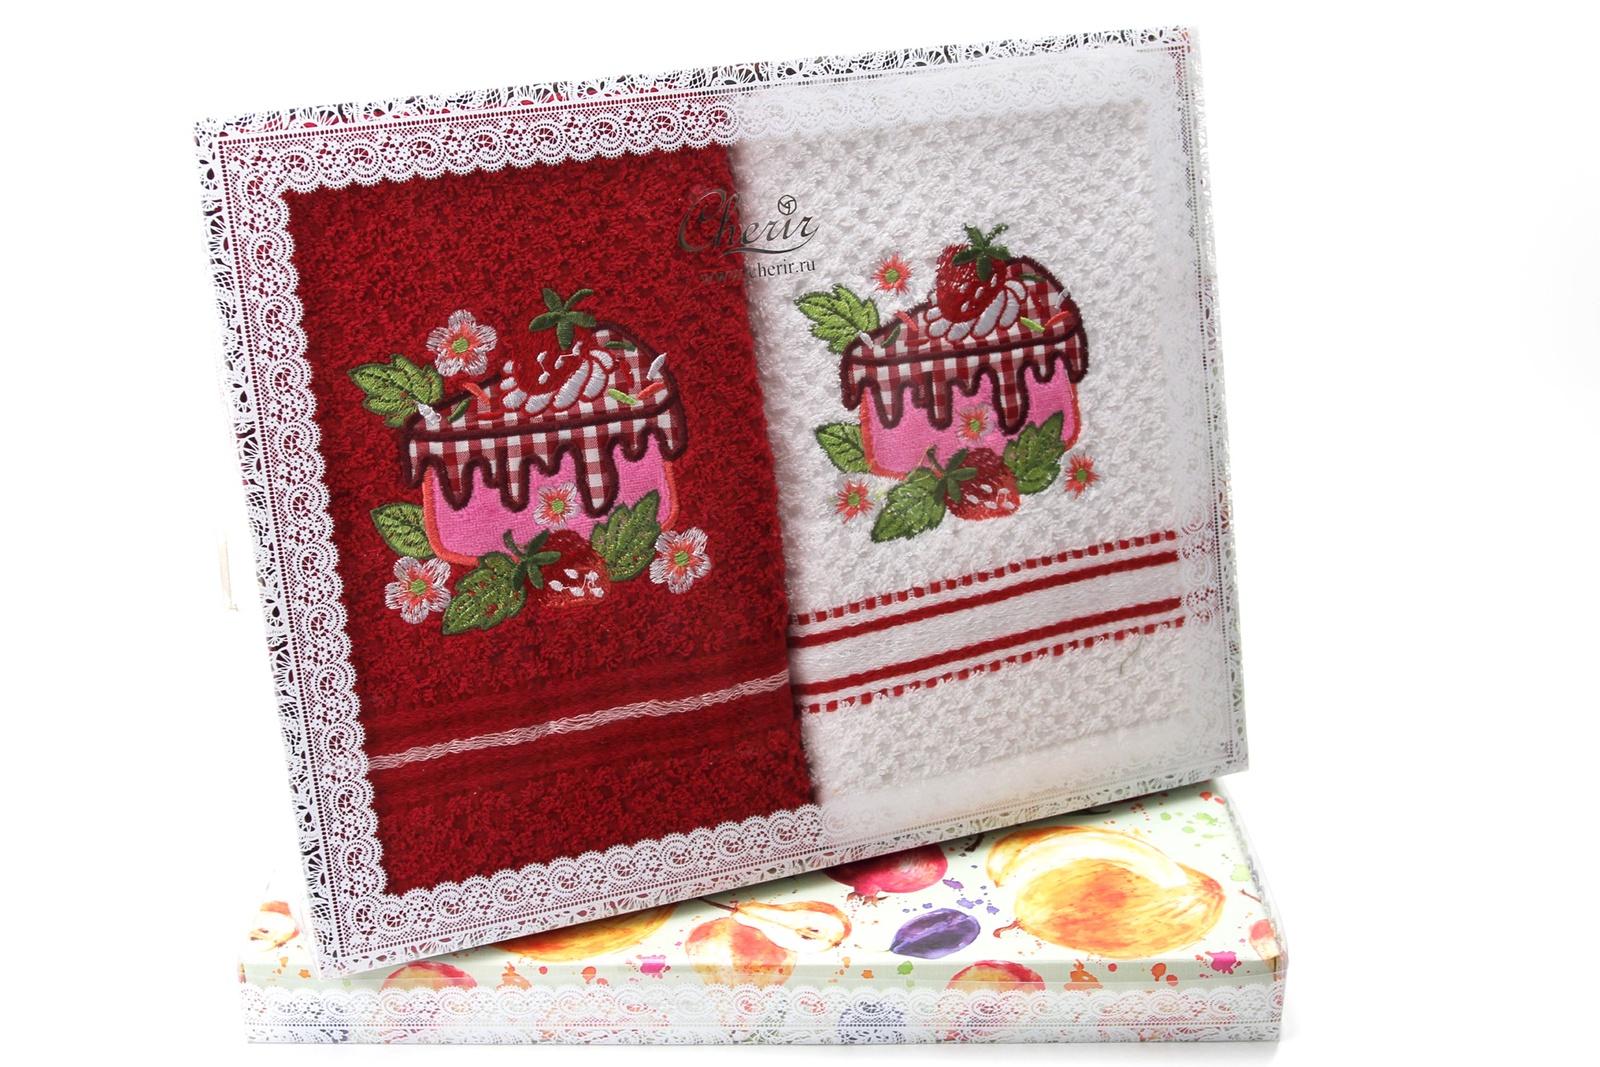 Набор кухонных полотенец Cherir 4293009, Хлопок набор кухонных полотенец cherir груша 45 70 см 2 предмета